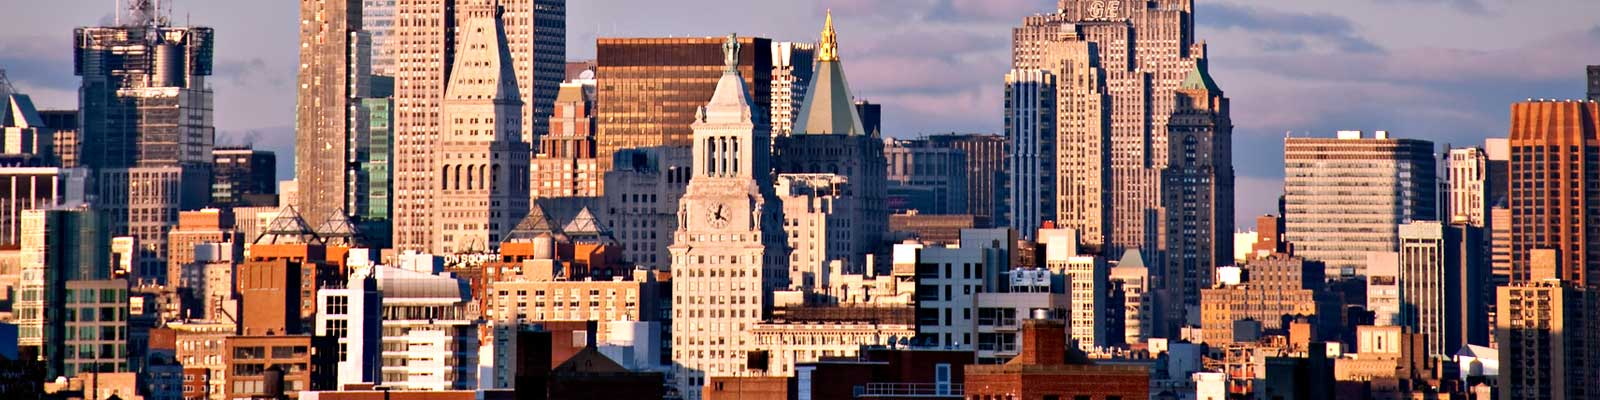 USA Immobilien - Ferienhaus, Luxusimmobilien, Strandimmobilie - Leben, Urlaub, Investieren